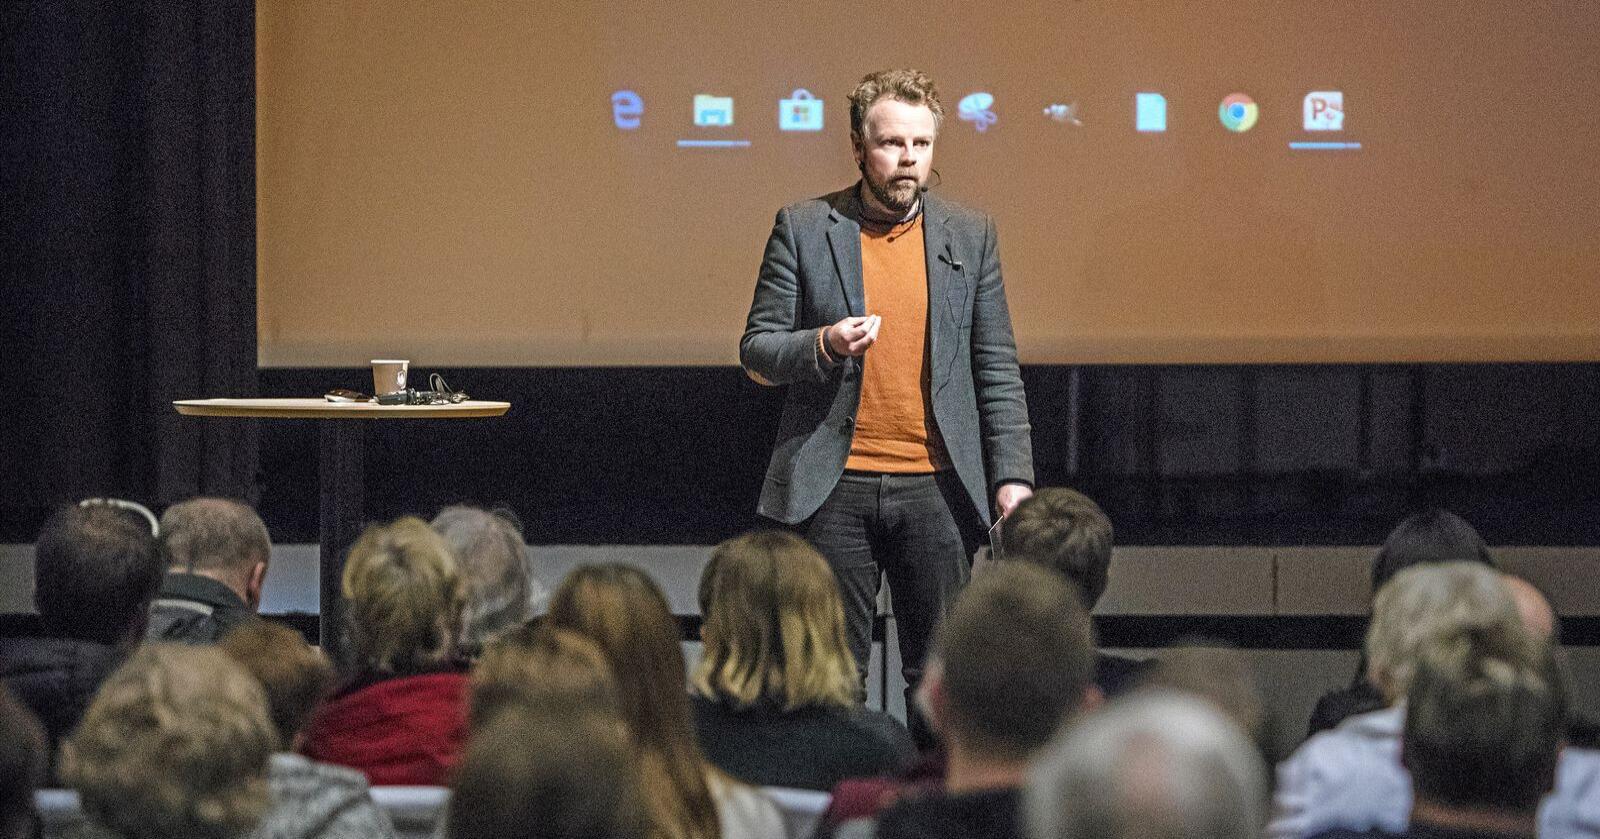 På folkemøte: Næringsminister Torbjørn Røe Isaksen (H) på folkemøte om kobberutvinning i Kvalsund. Foto: Ole Berg-Rusten / NTB Scanpix